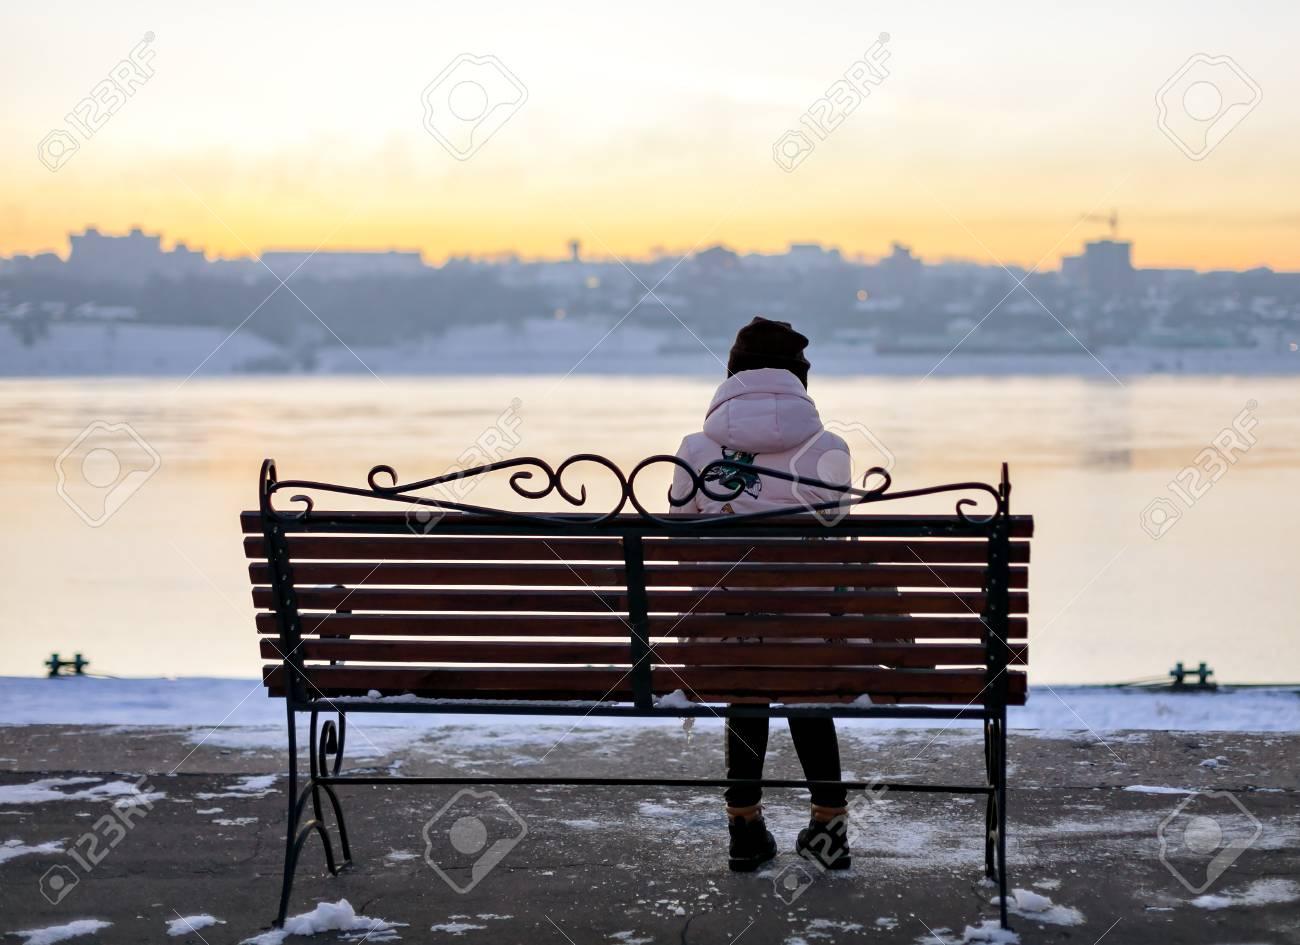 Panchina Lungomare : Ragazza in un cappello seduto su una panchina sul lungomare di nuovo